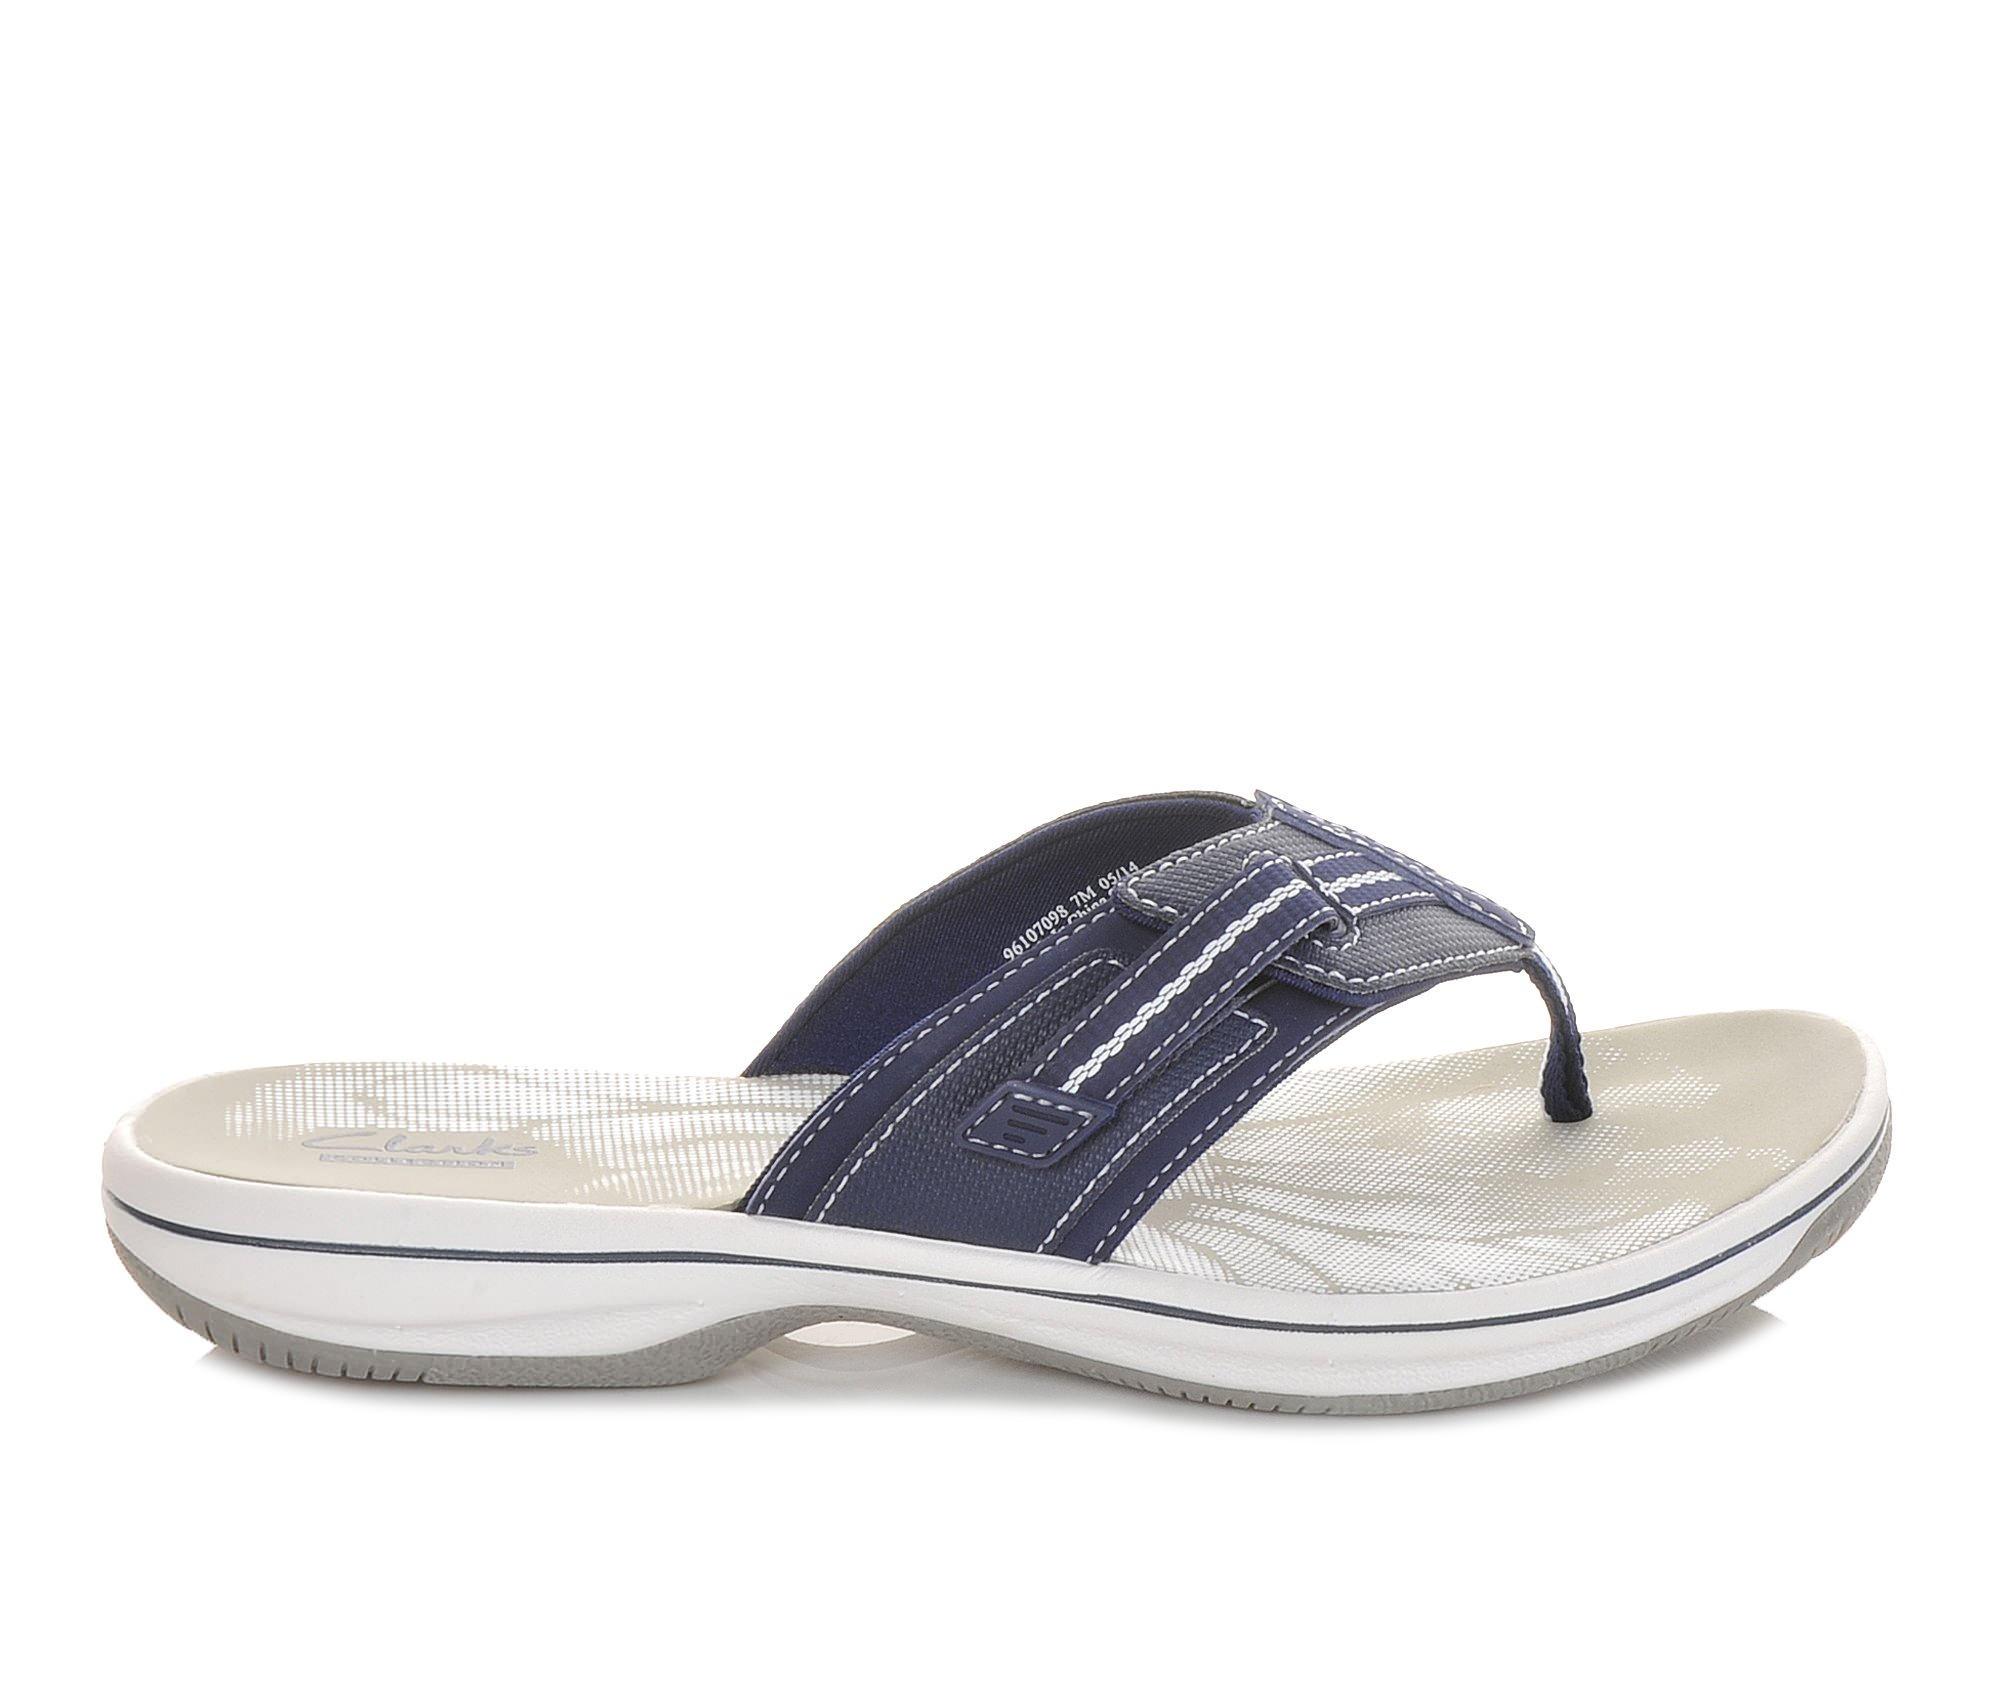 Women's Clarks Brinkley Jazz Sandals (Blue)